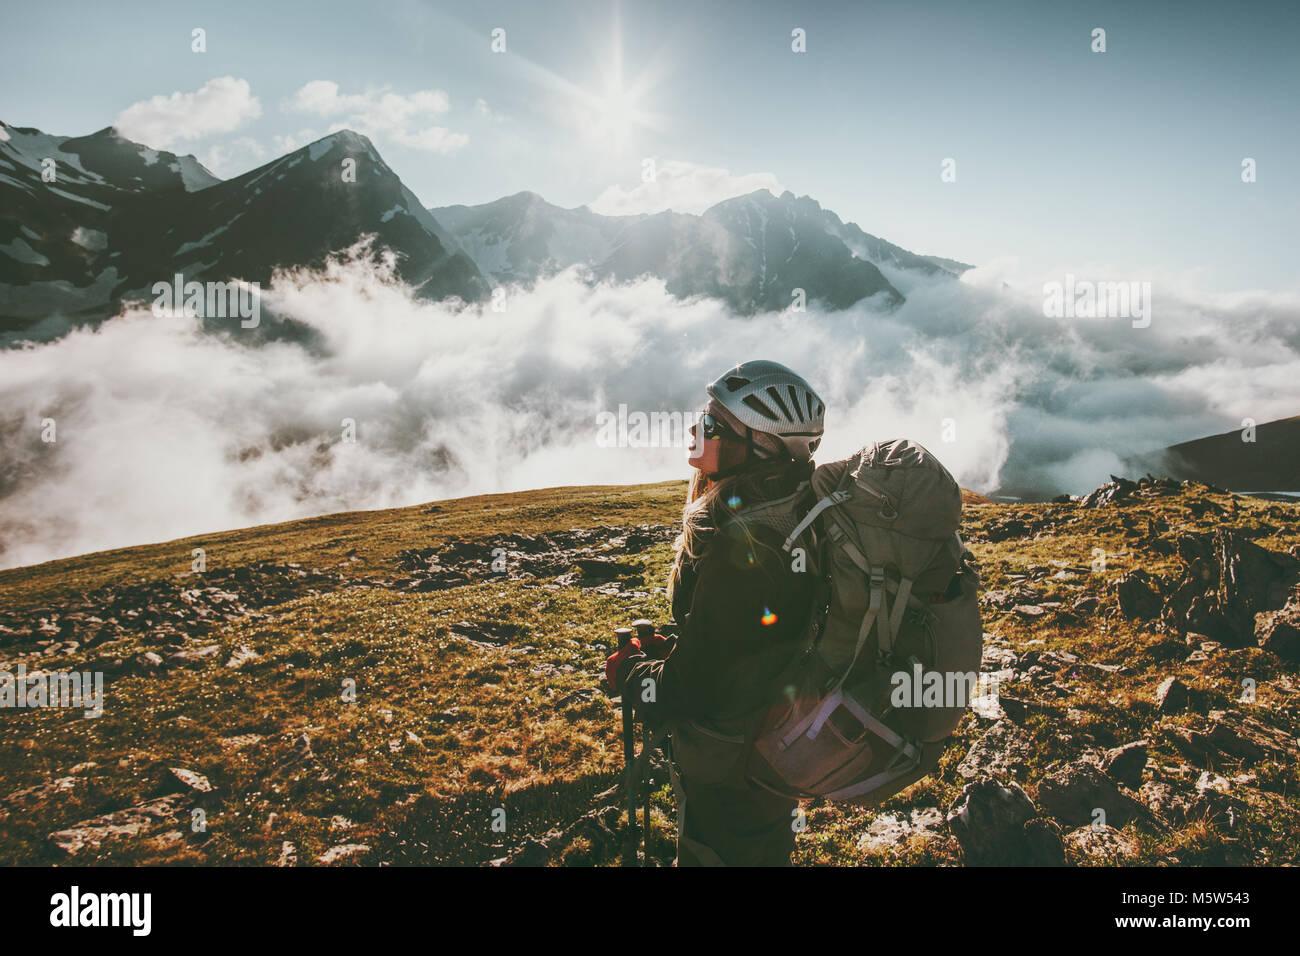 Backpacker Frau beobachten Berge wolken landschaft Reisen gesunder Lebensstil Abenteuer Konzept Aktiv Sommer Ferien Stockbild